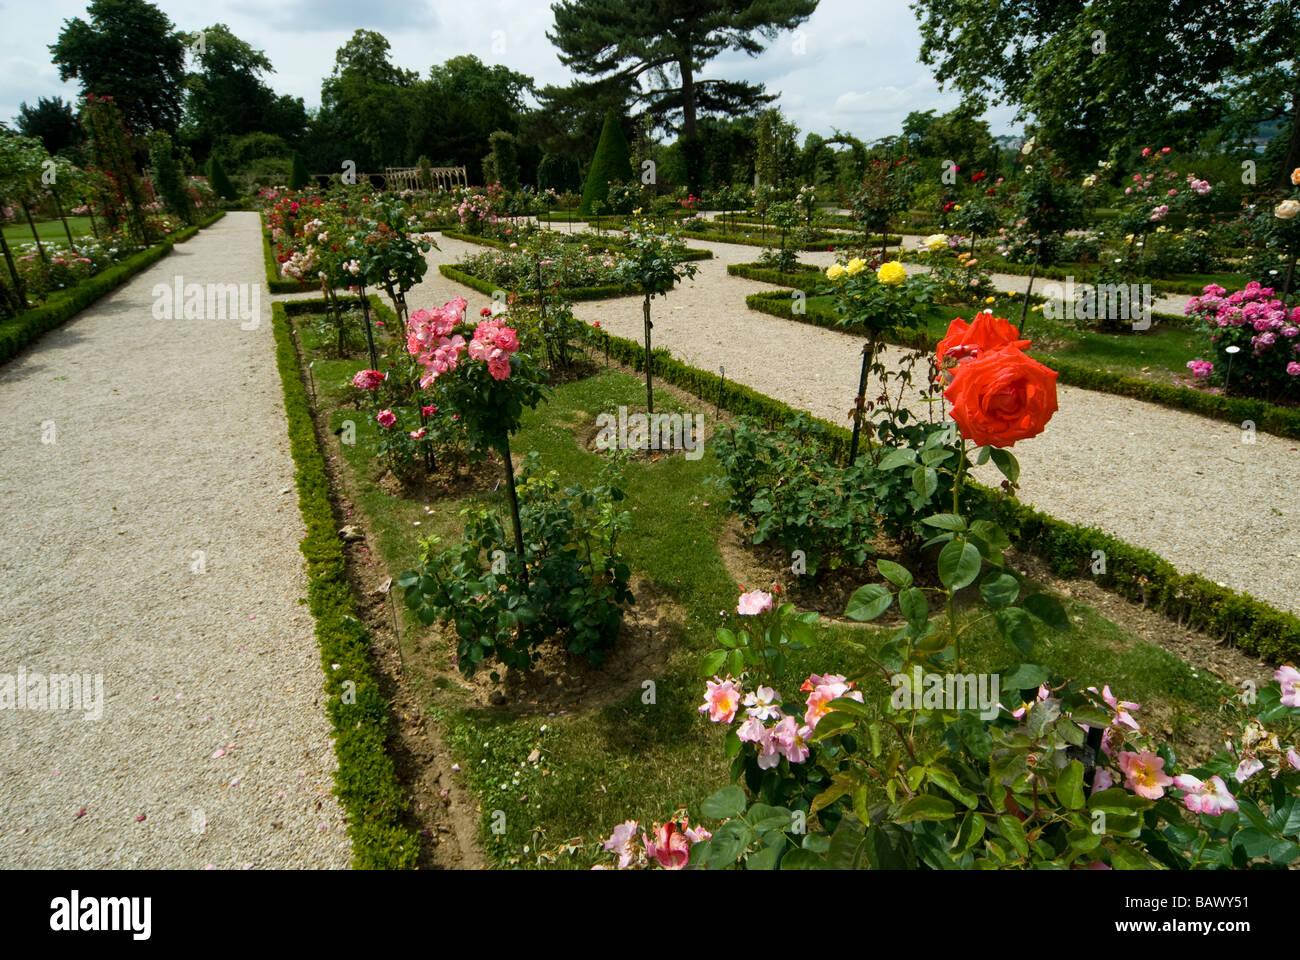 France, Paris, Bois de Boulogne, Parc de Bagatelle, rose garden and orangery Stock Photo